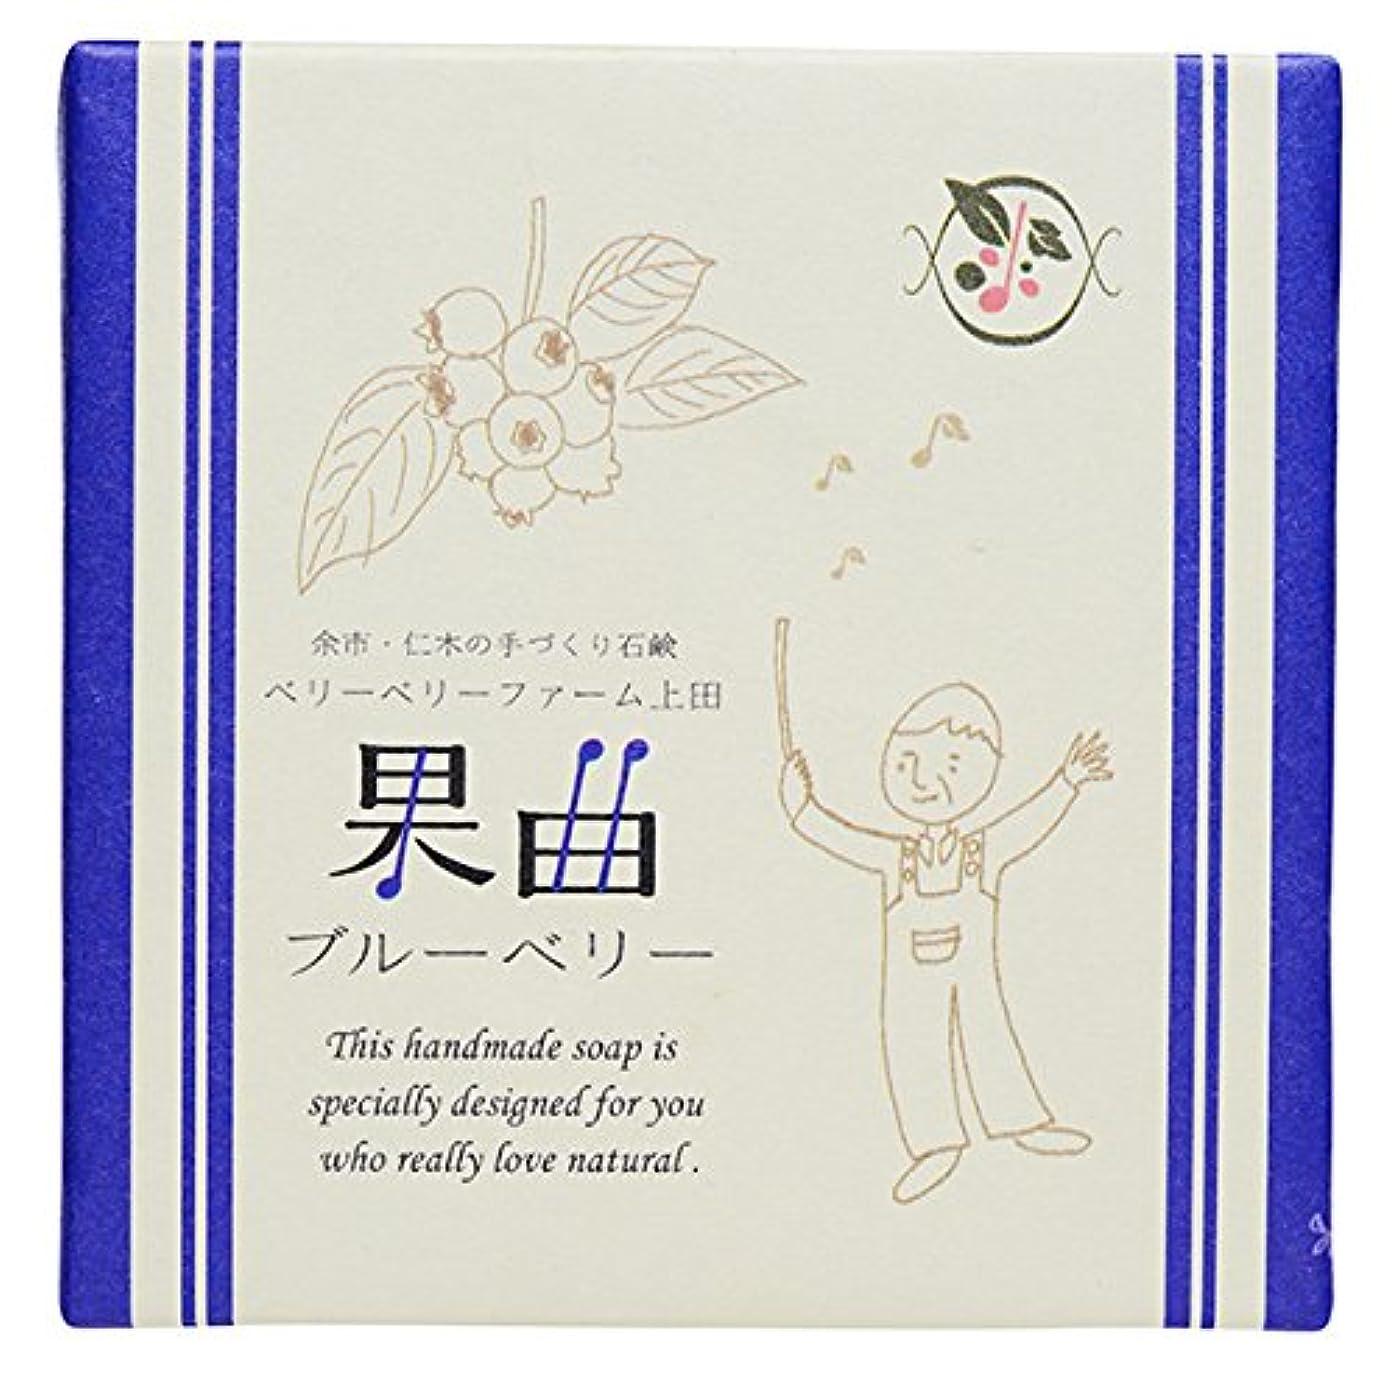 ホステス航海のうまくいけば余市町仁木のベリーベリーファーム上田との共同開発 果曲(ブルーベリー)純練り石鹸